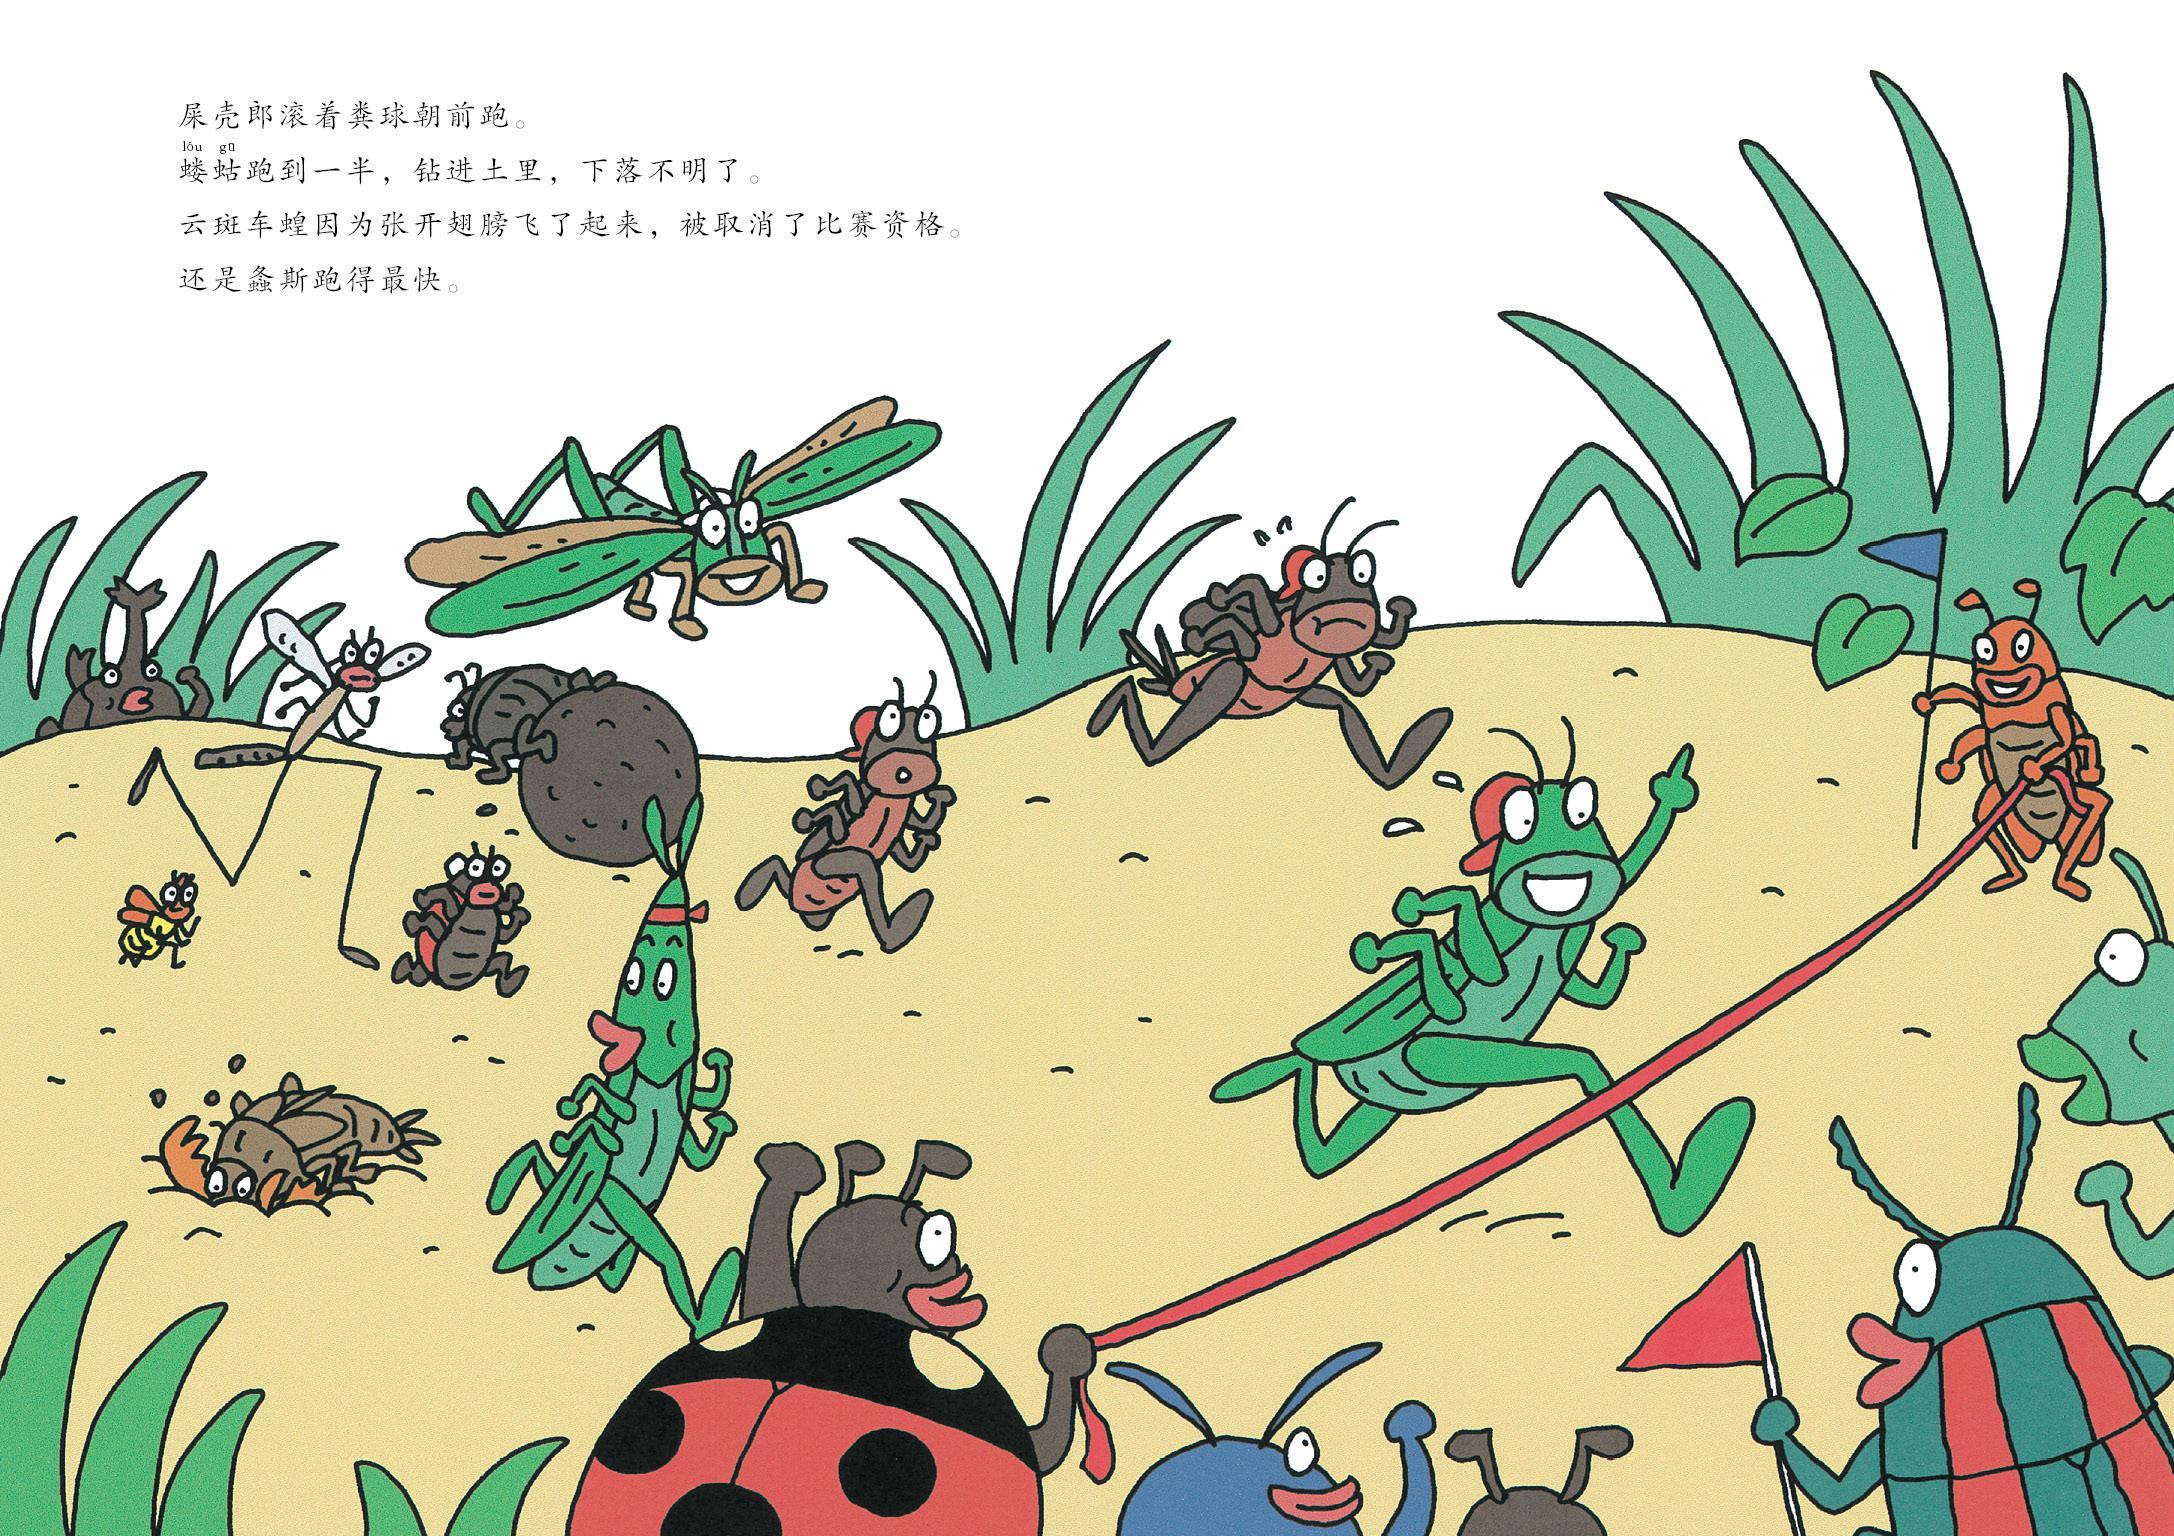 《昆虫智趣园① 昆虫运动会》